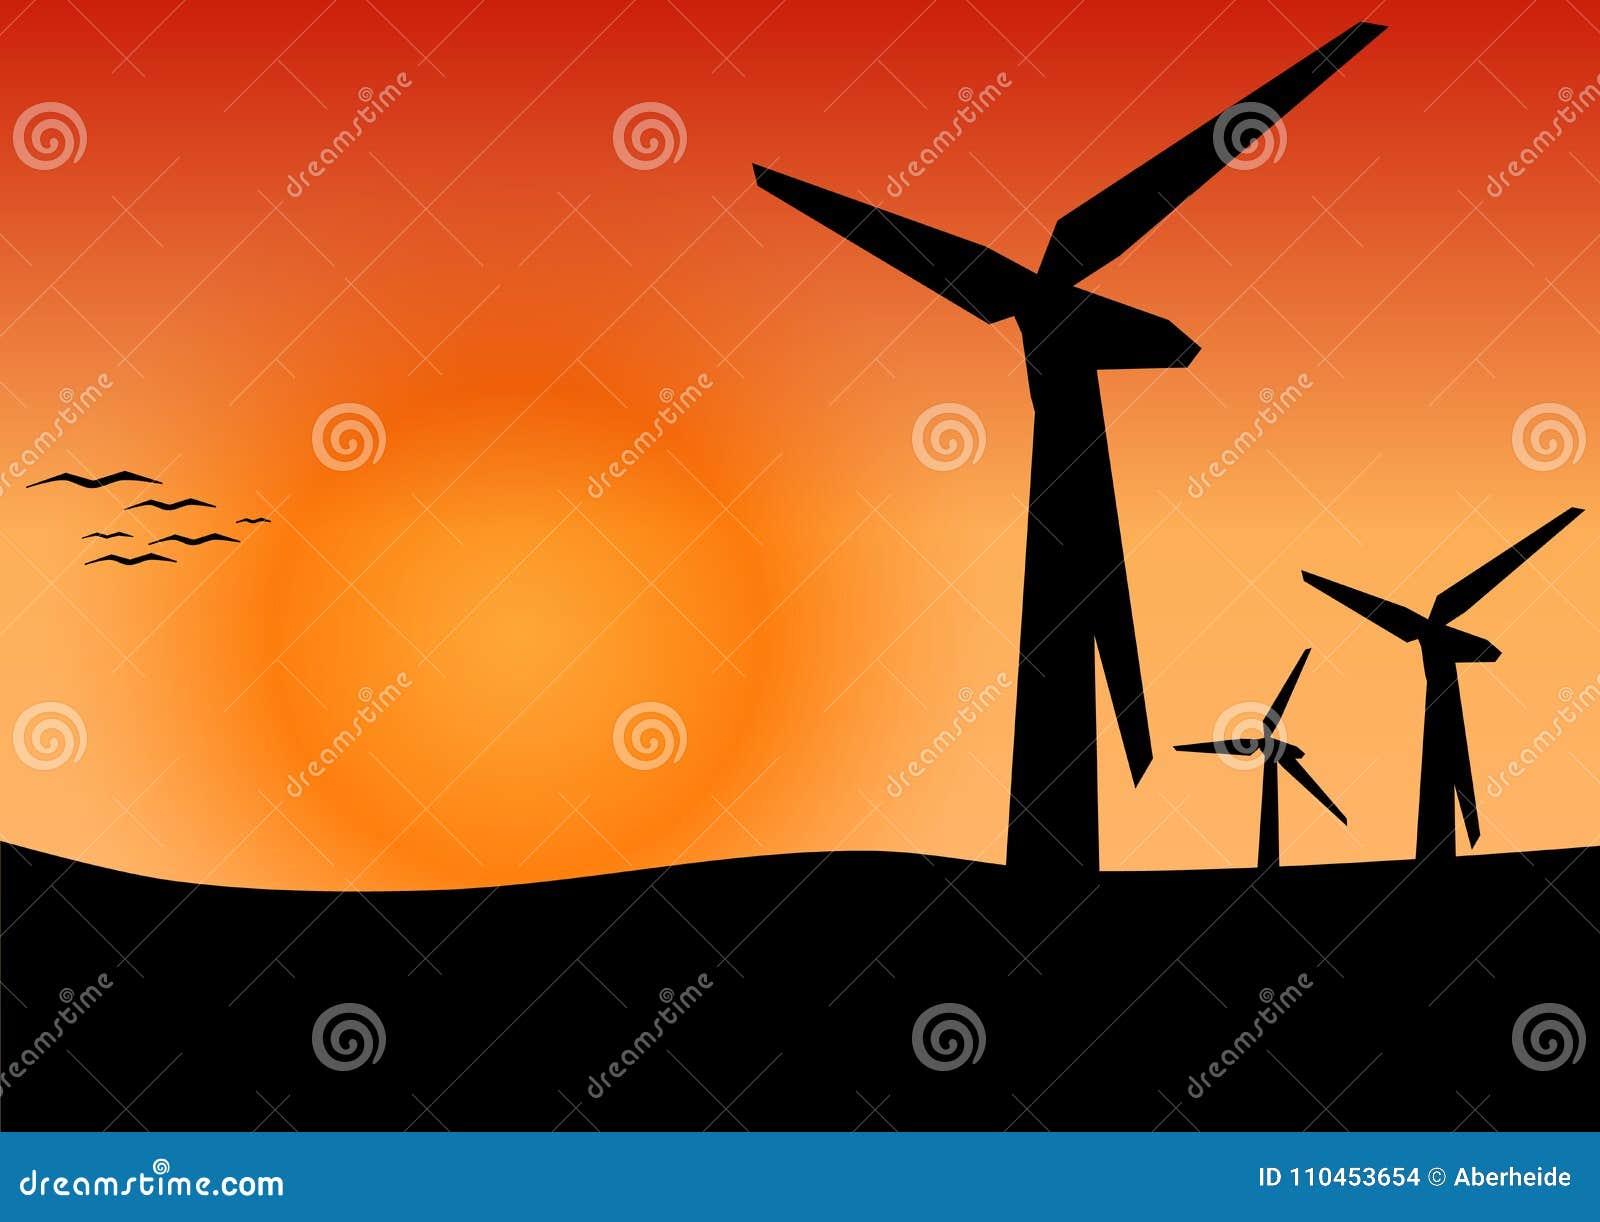 Vindenergi, begrepp för alternativ energi